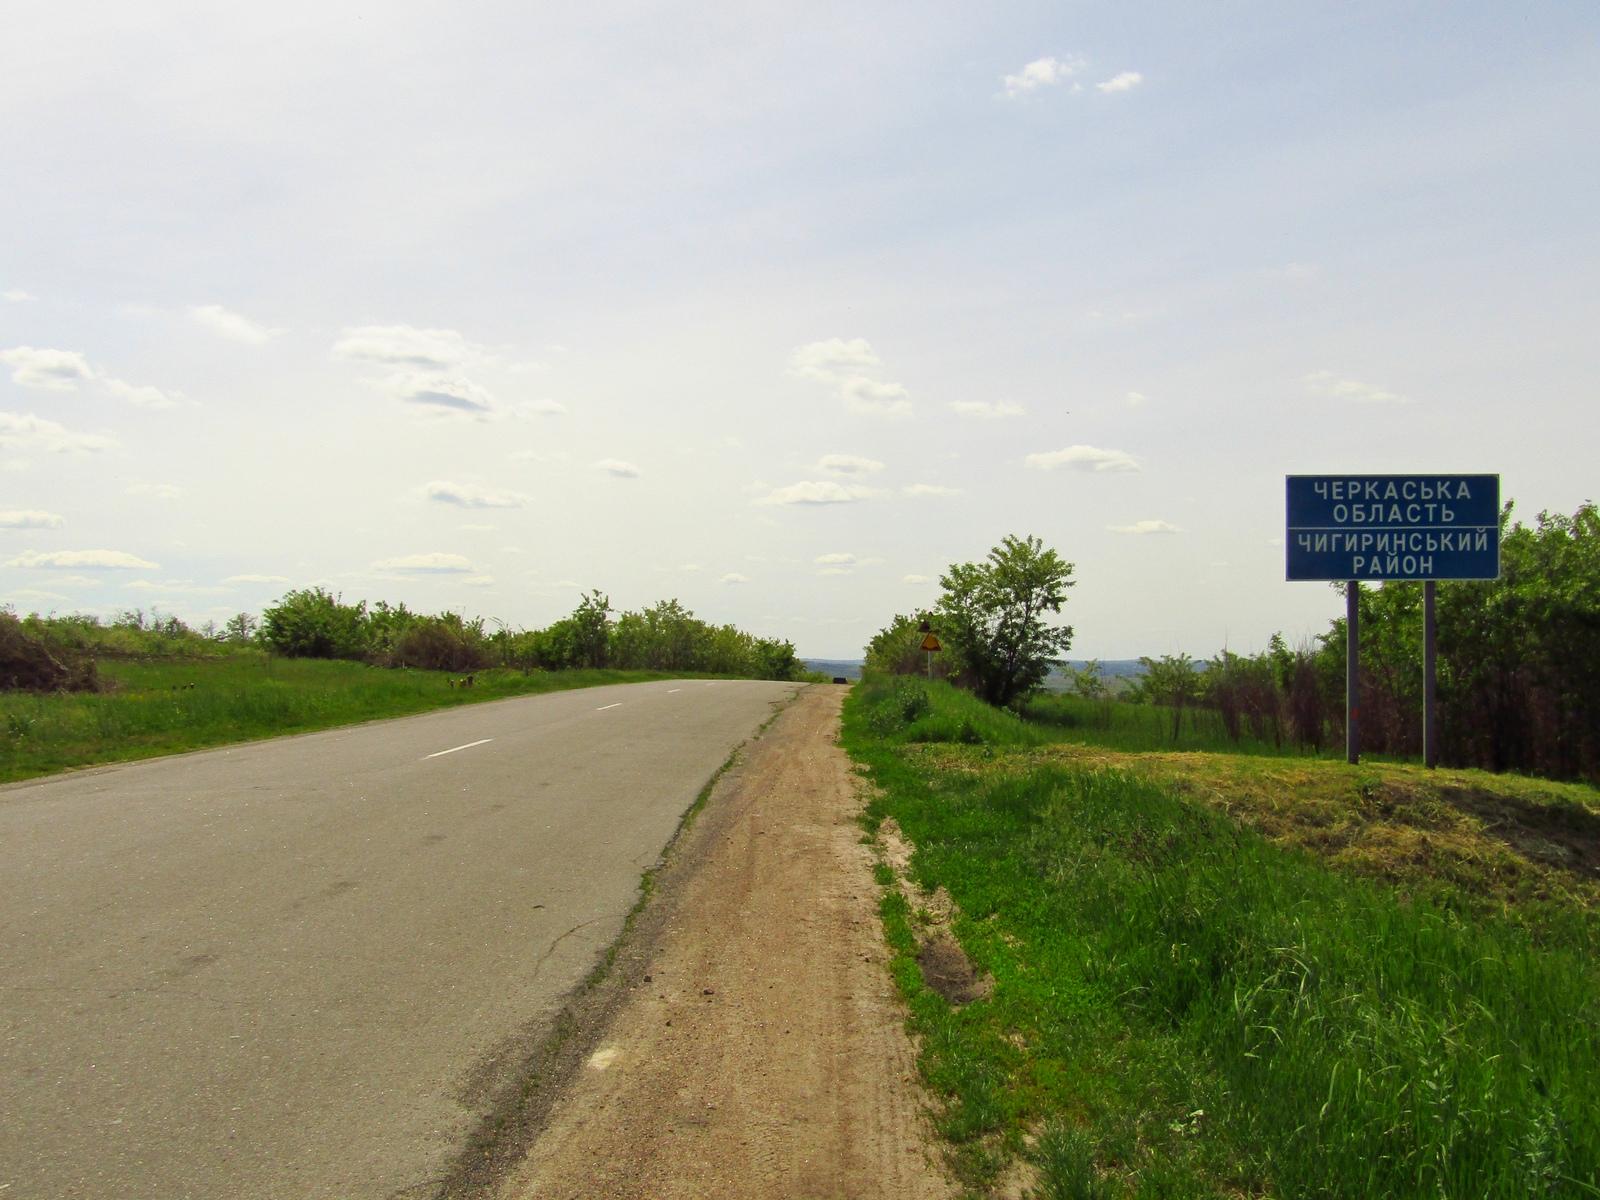 Початок Черкаської області. Чигиринський район.